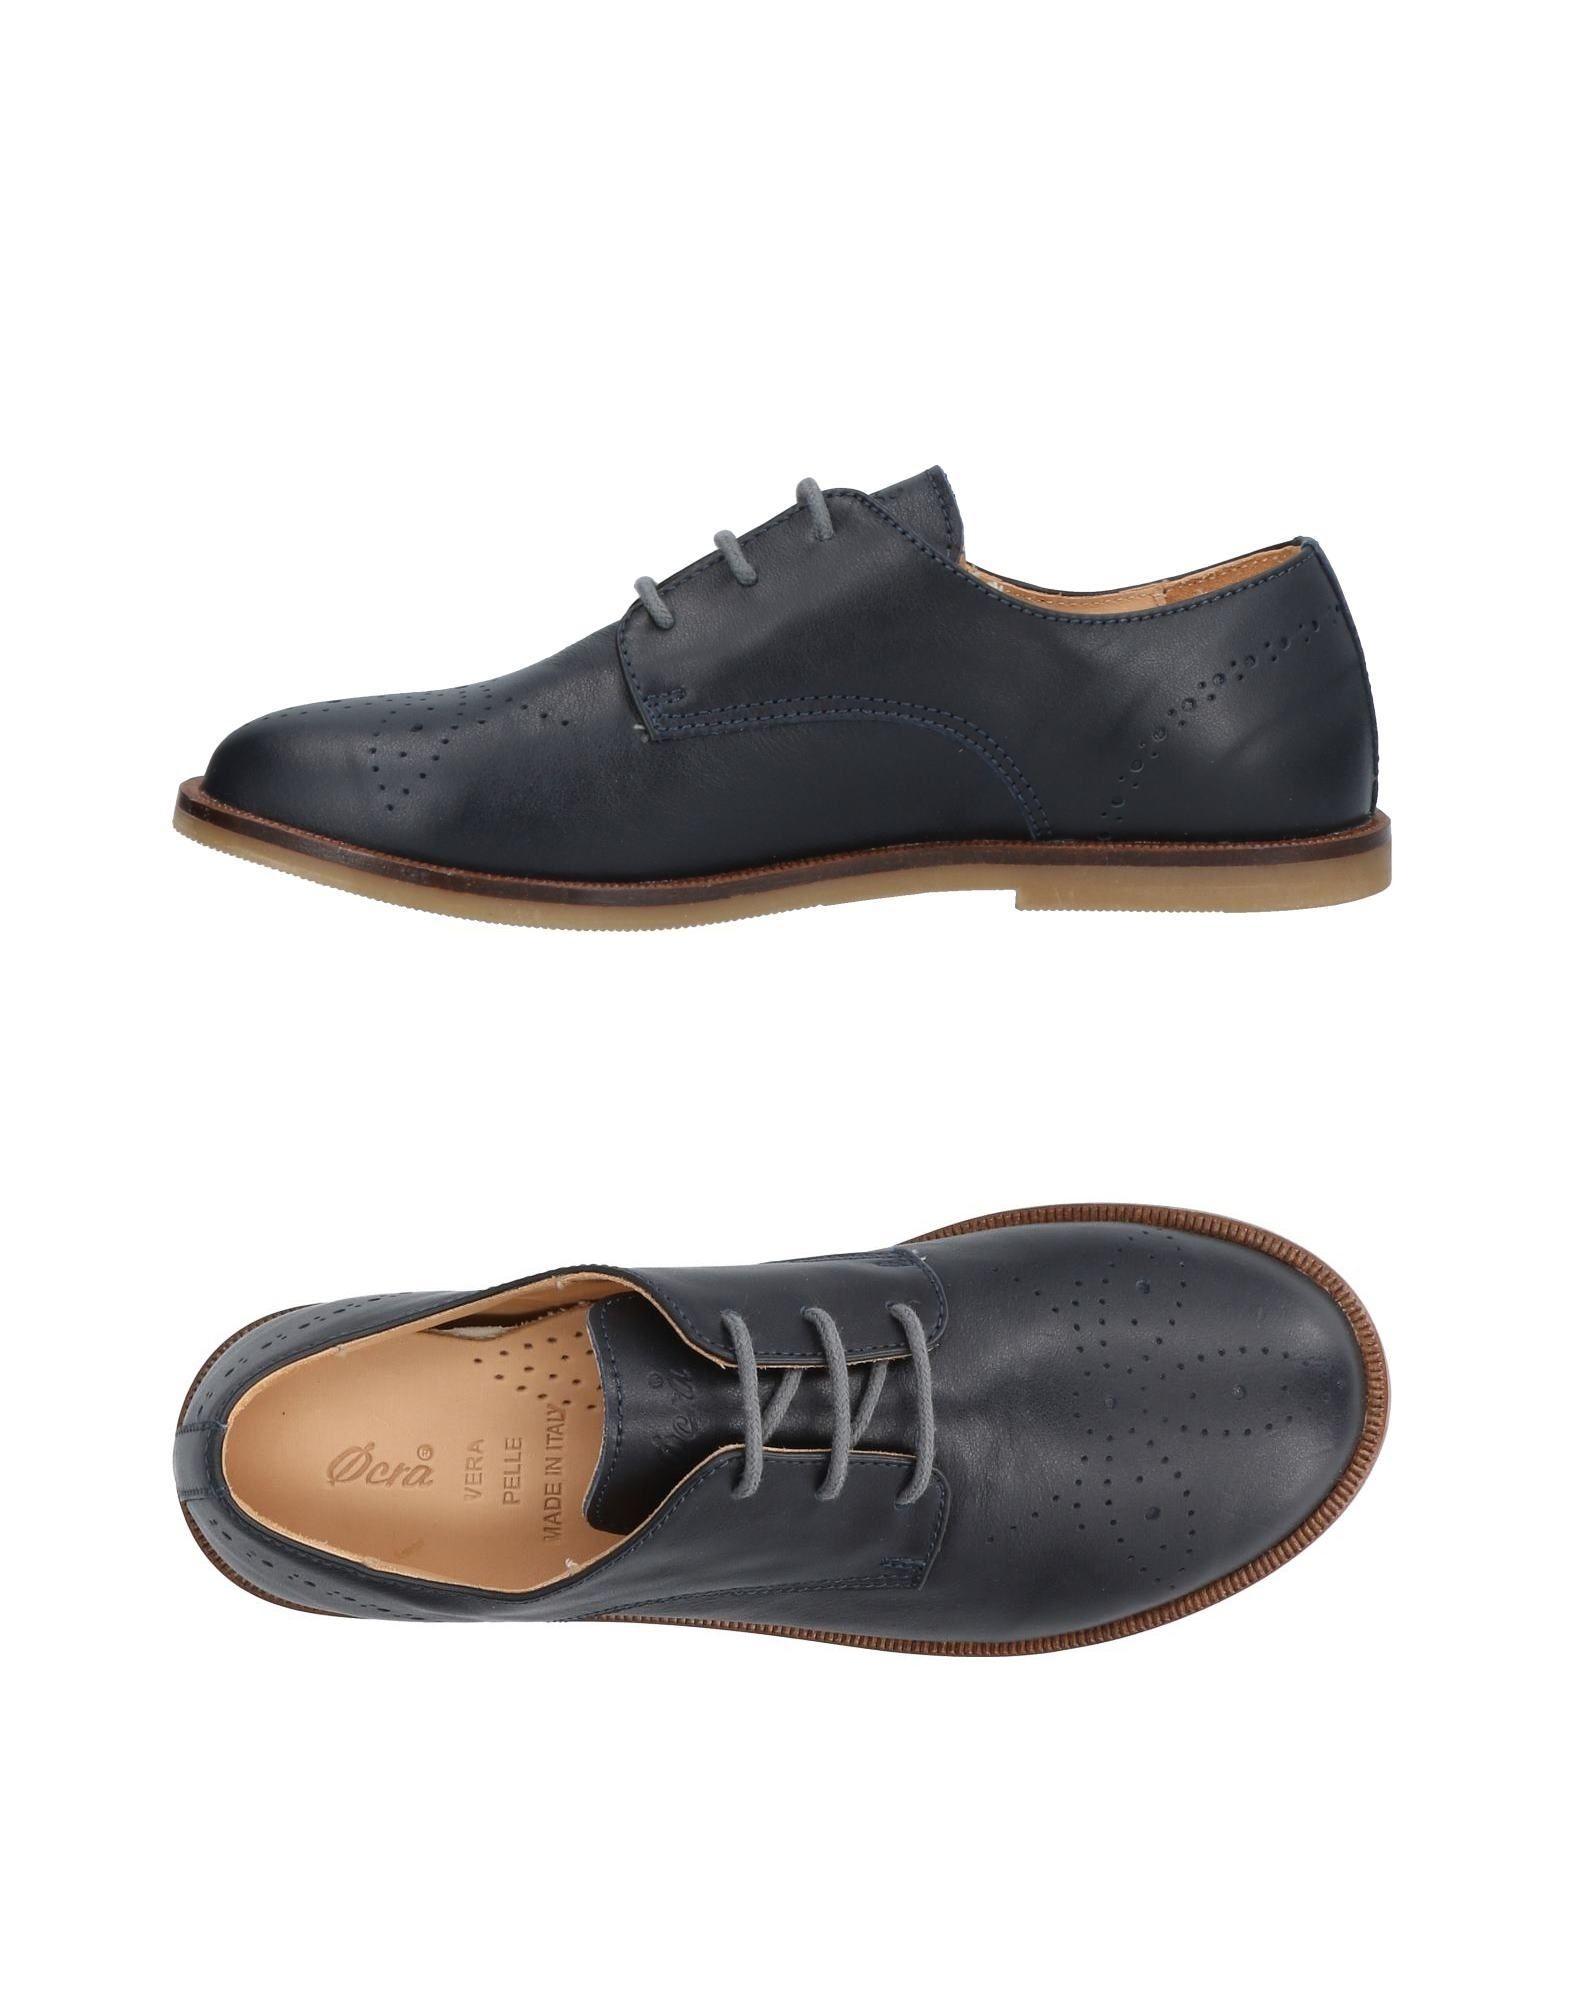 OCRA Обувь на шнурках первый внутри обувь обувь обувь обувь обувь обувь обувь обувь обувь 8a2549 мужская армия green 40 метров